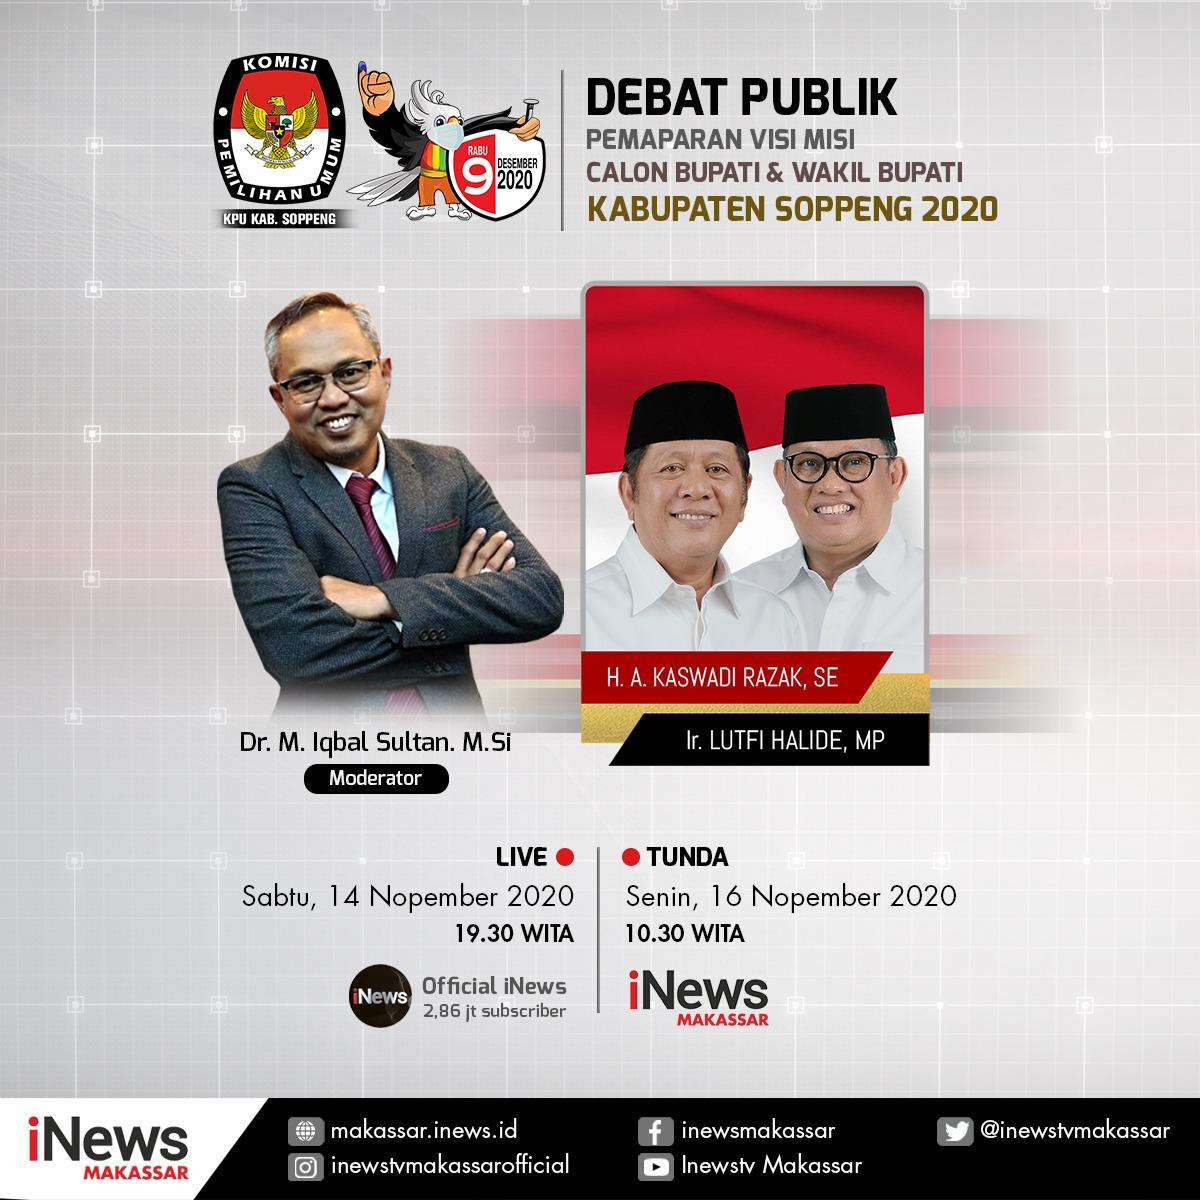 Mau Tahu Visi Misi Calon Bupati Soppeng, Saksikan Debat Publik di INews Makassar